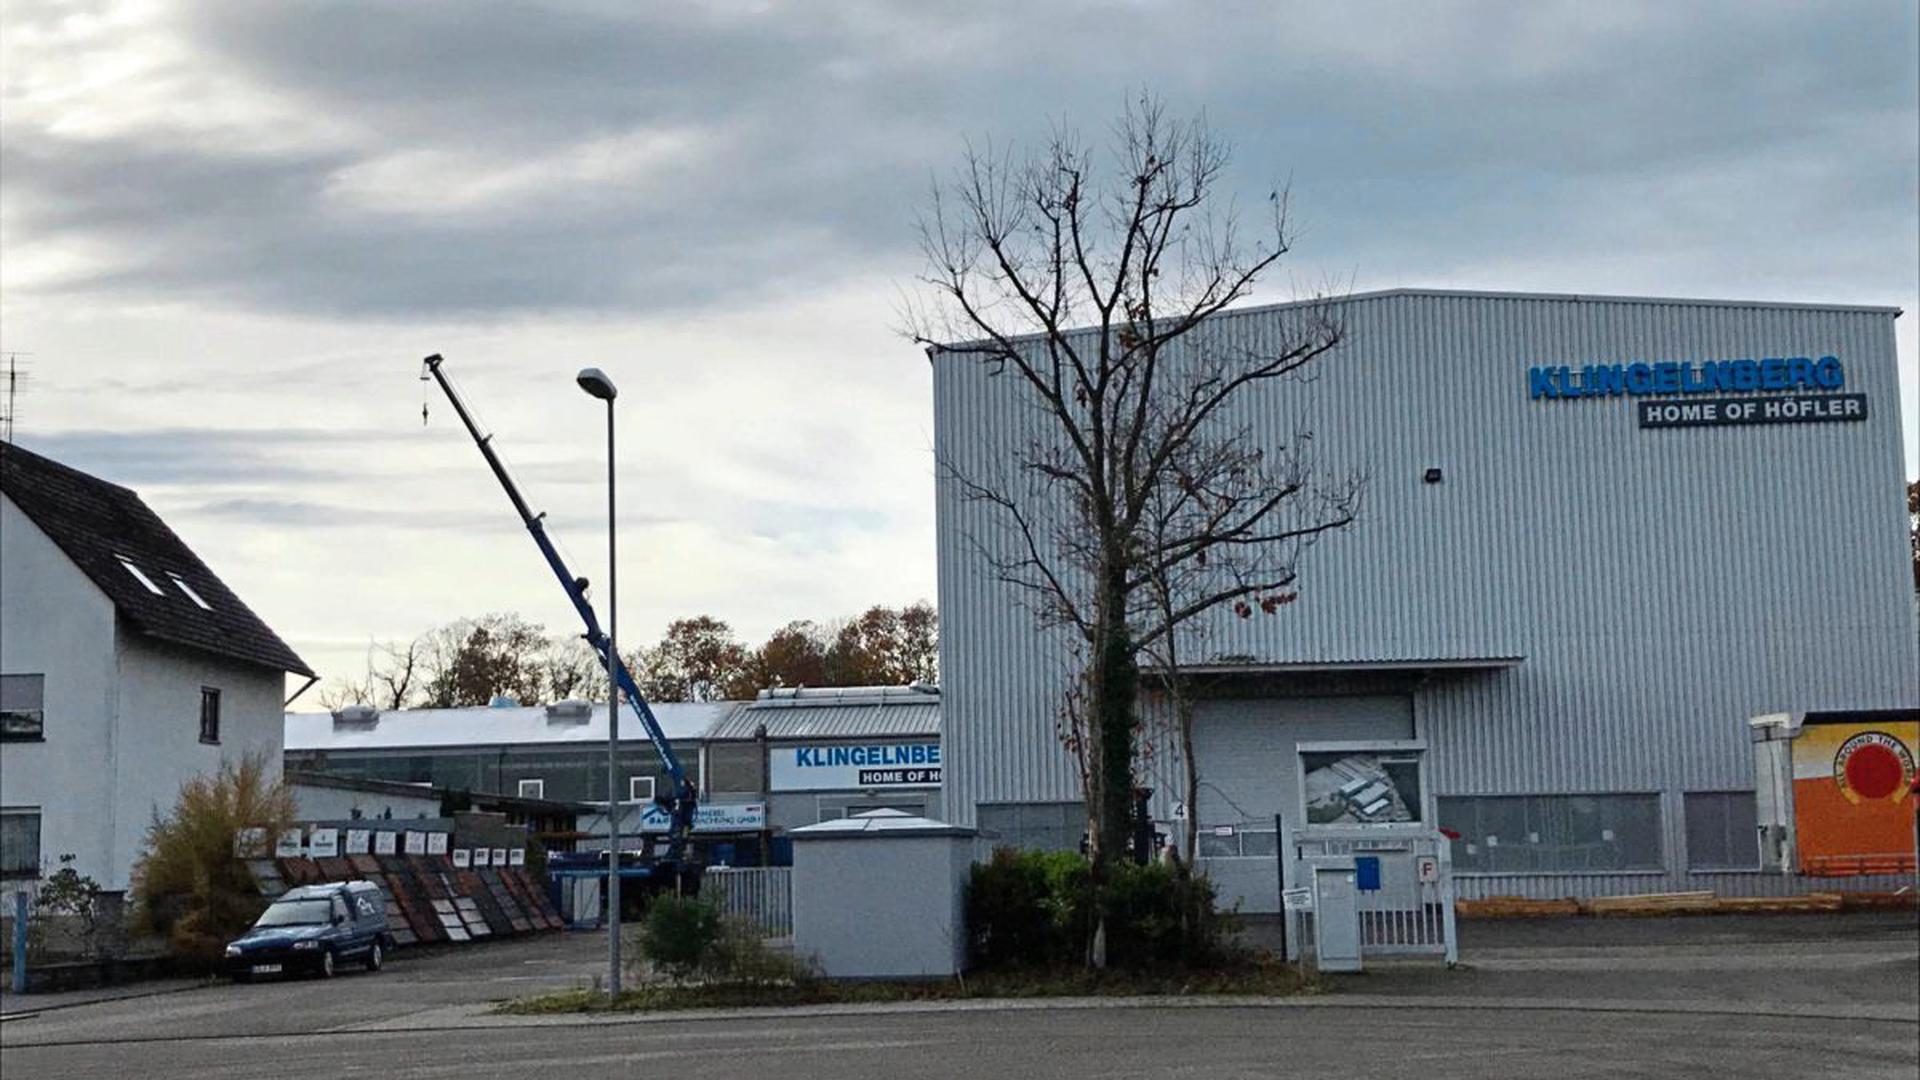 Dunkle Wolken über dem Ettlinger Standort: Der Maschinenbauer Klingelnberg in Ettlingen-Oberweier verlegt seine Produktion und Entwicklung nach Nordrhein-Westfalen.